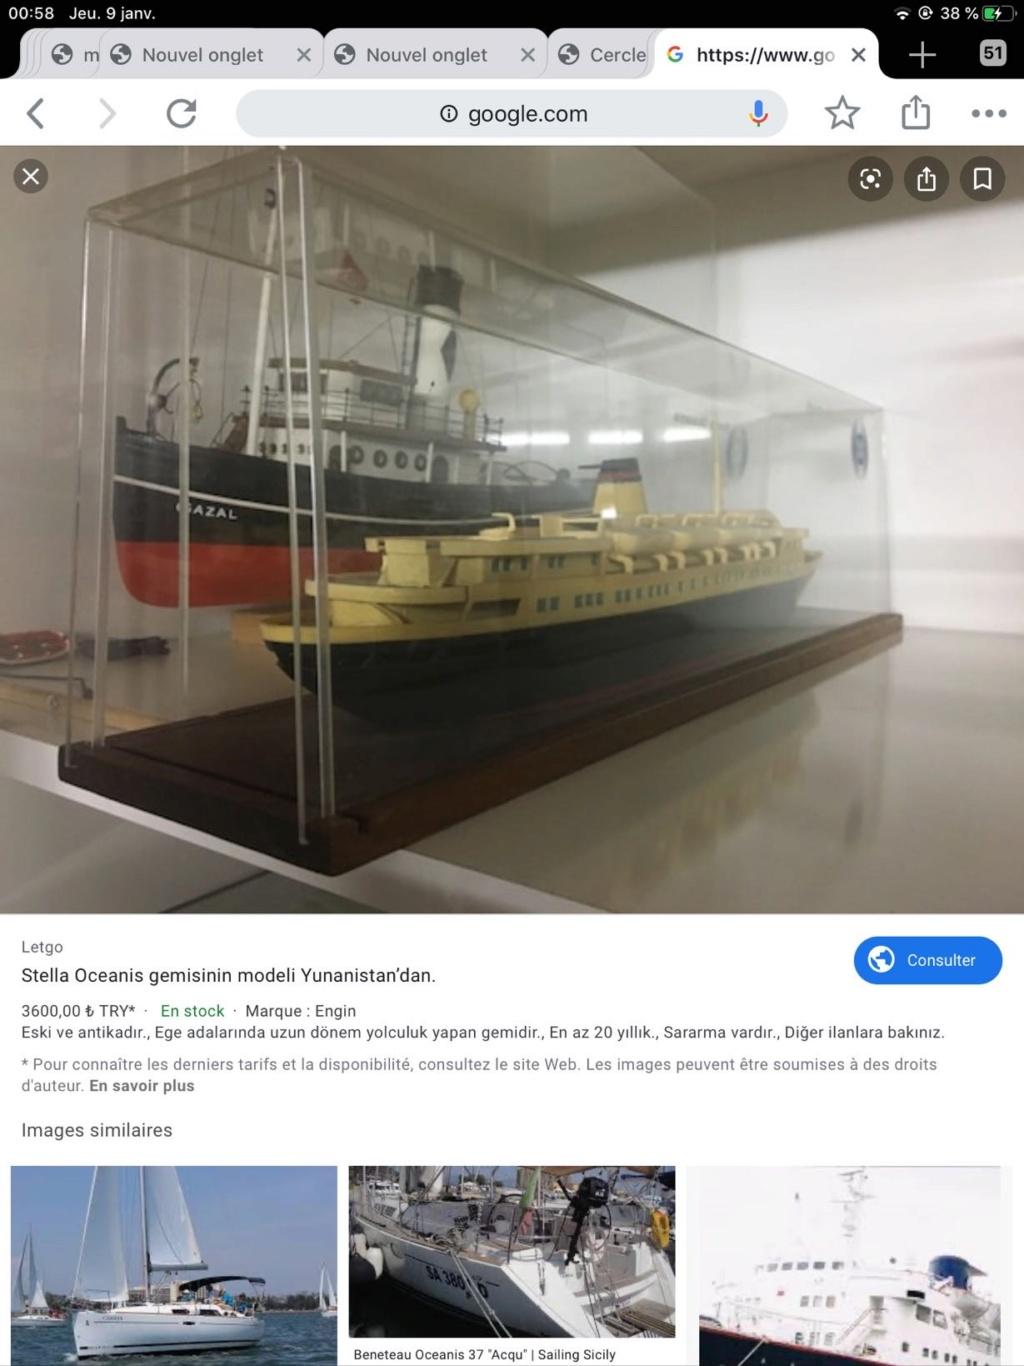 Qui peut m'identifier ce bateau - Page 8 Ecc59e10